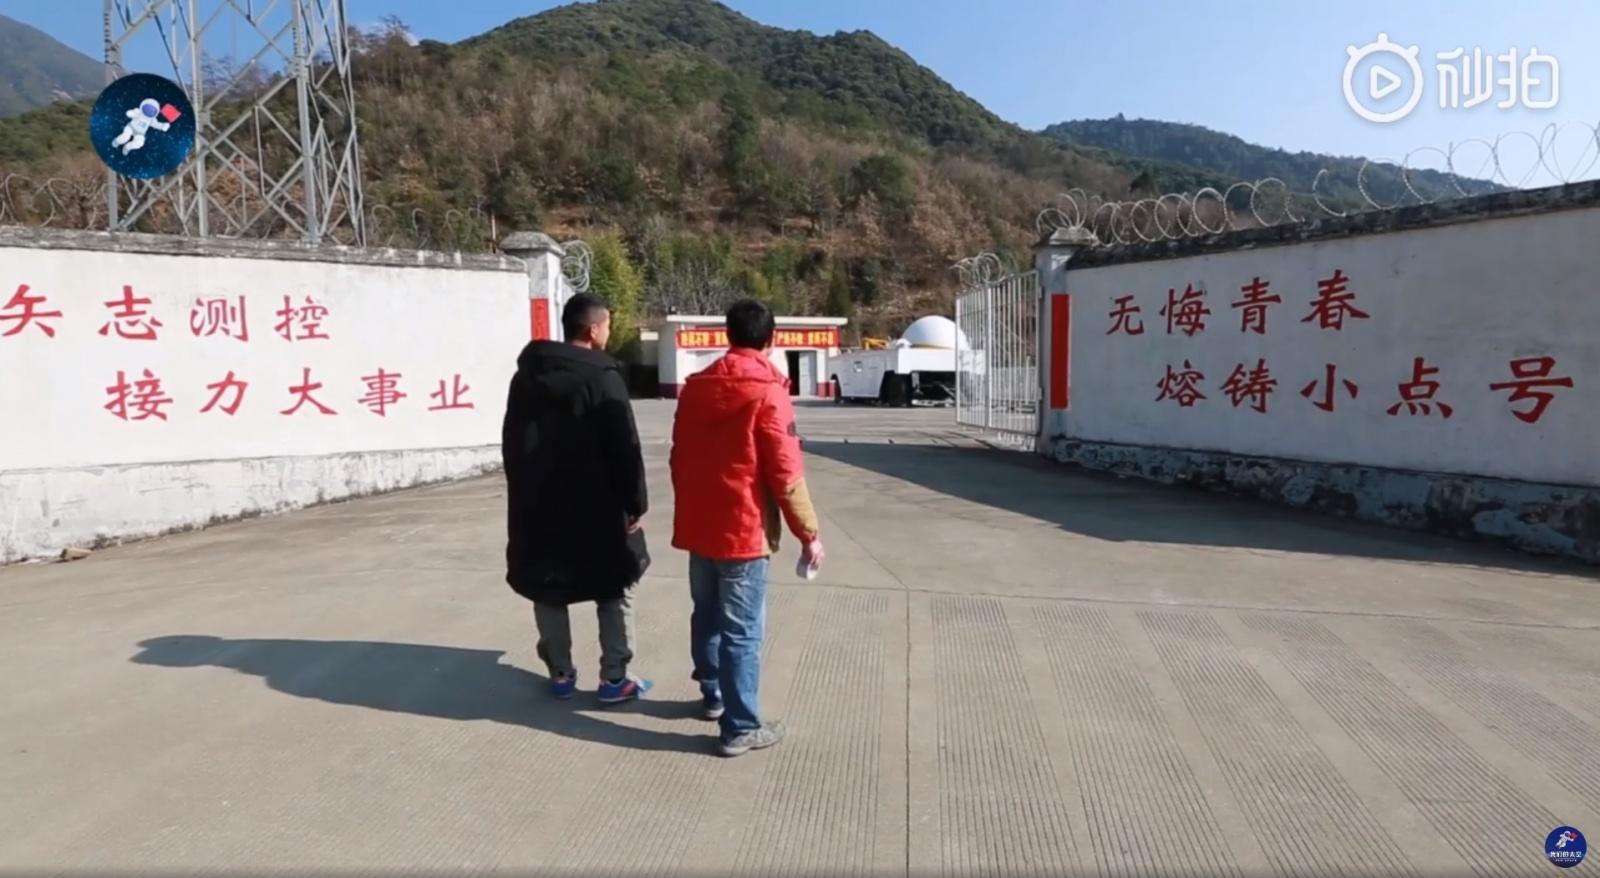 Суровая рабочая реальность — Китайский космодром Сичан (Xichang Satellite Launch Center — XSLC) - 69